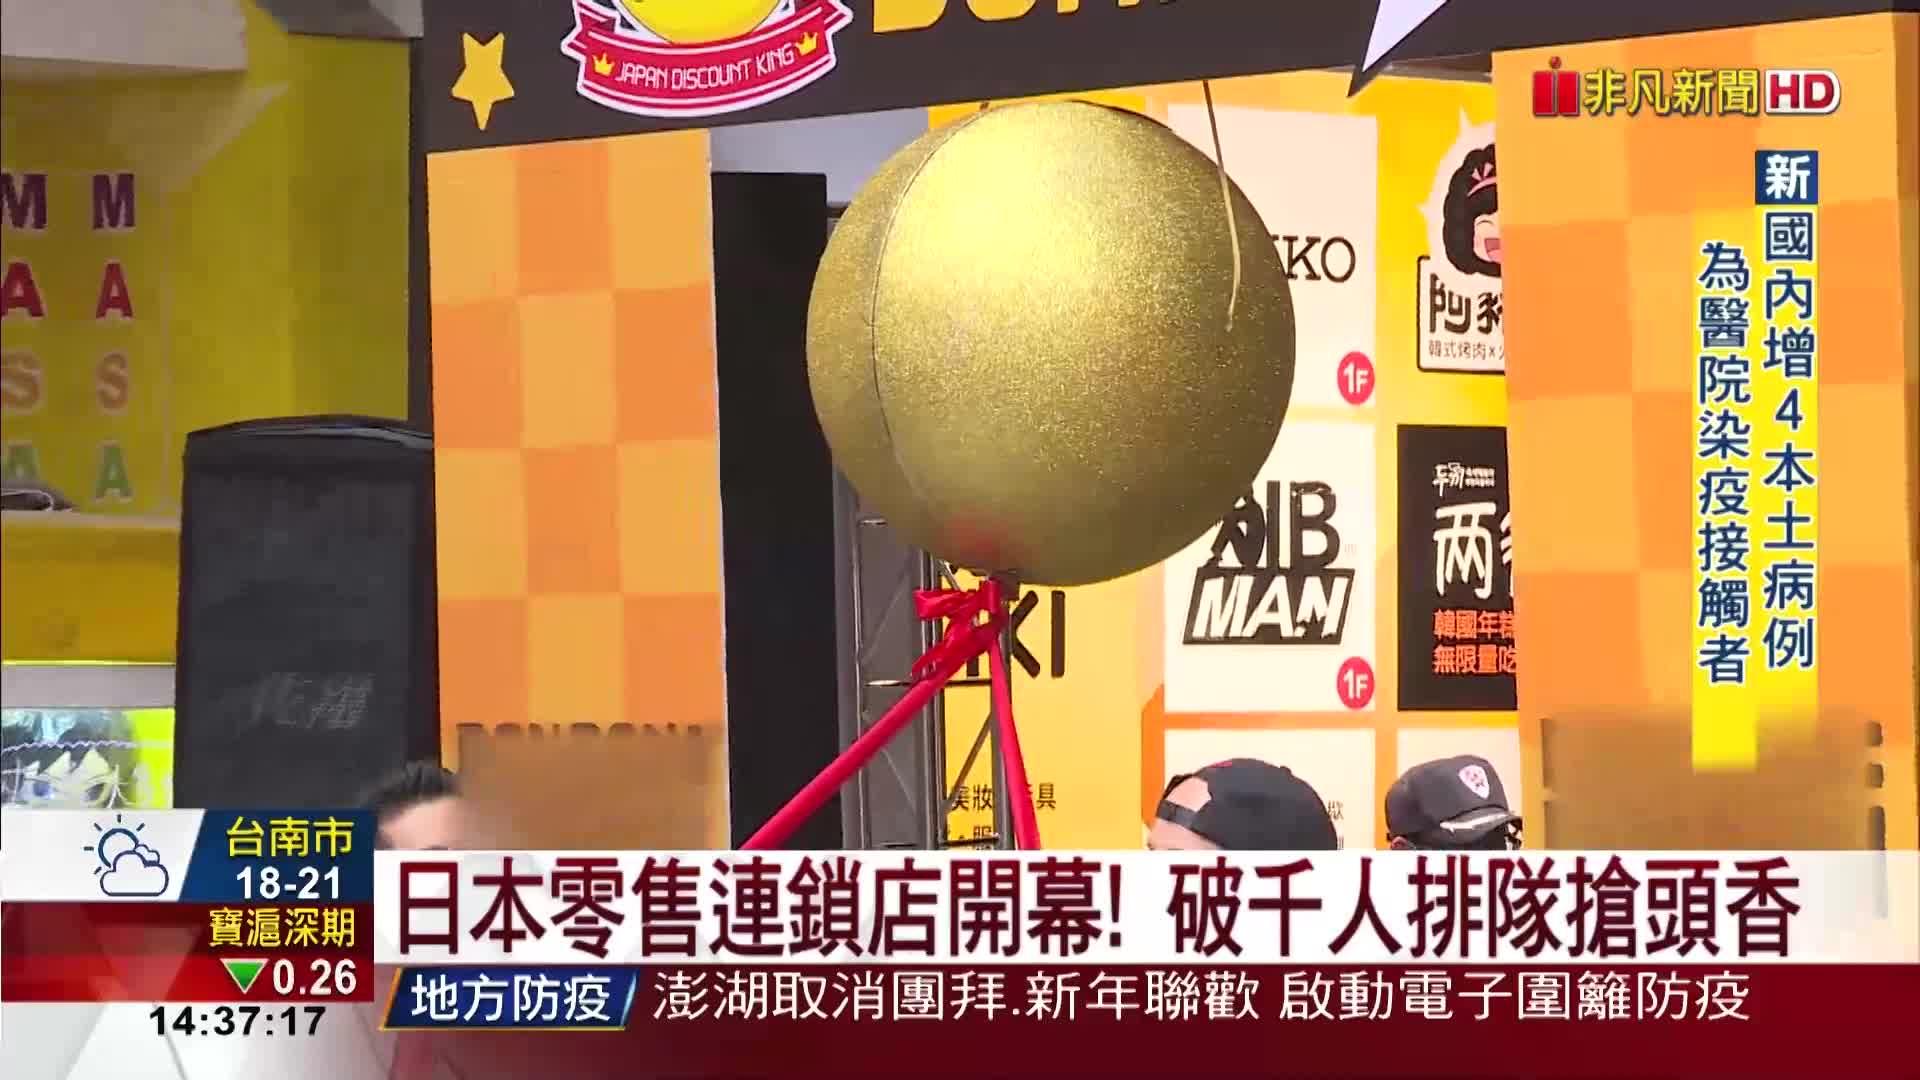 日本零售連鎖店開幕! 破千人排隊搶頭香